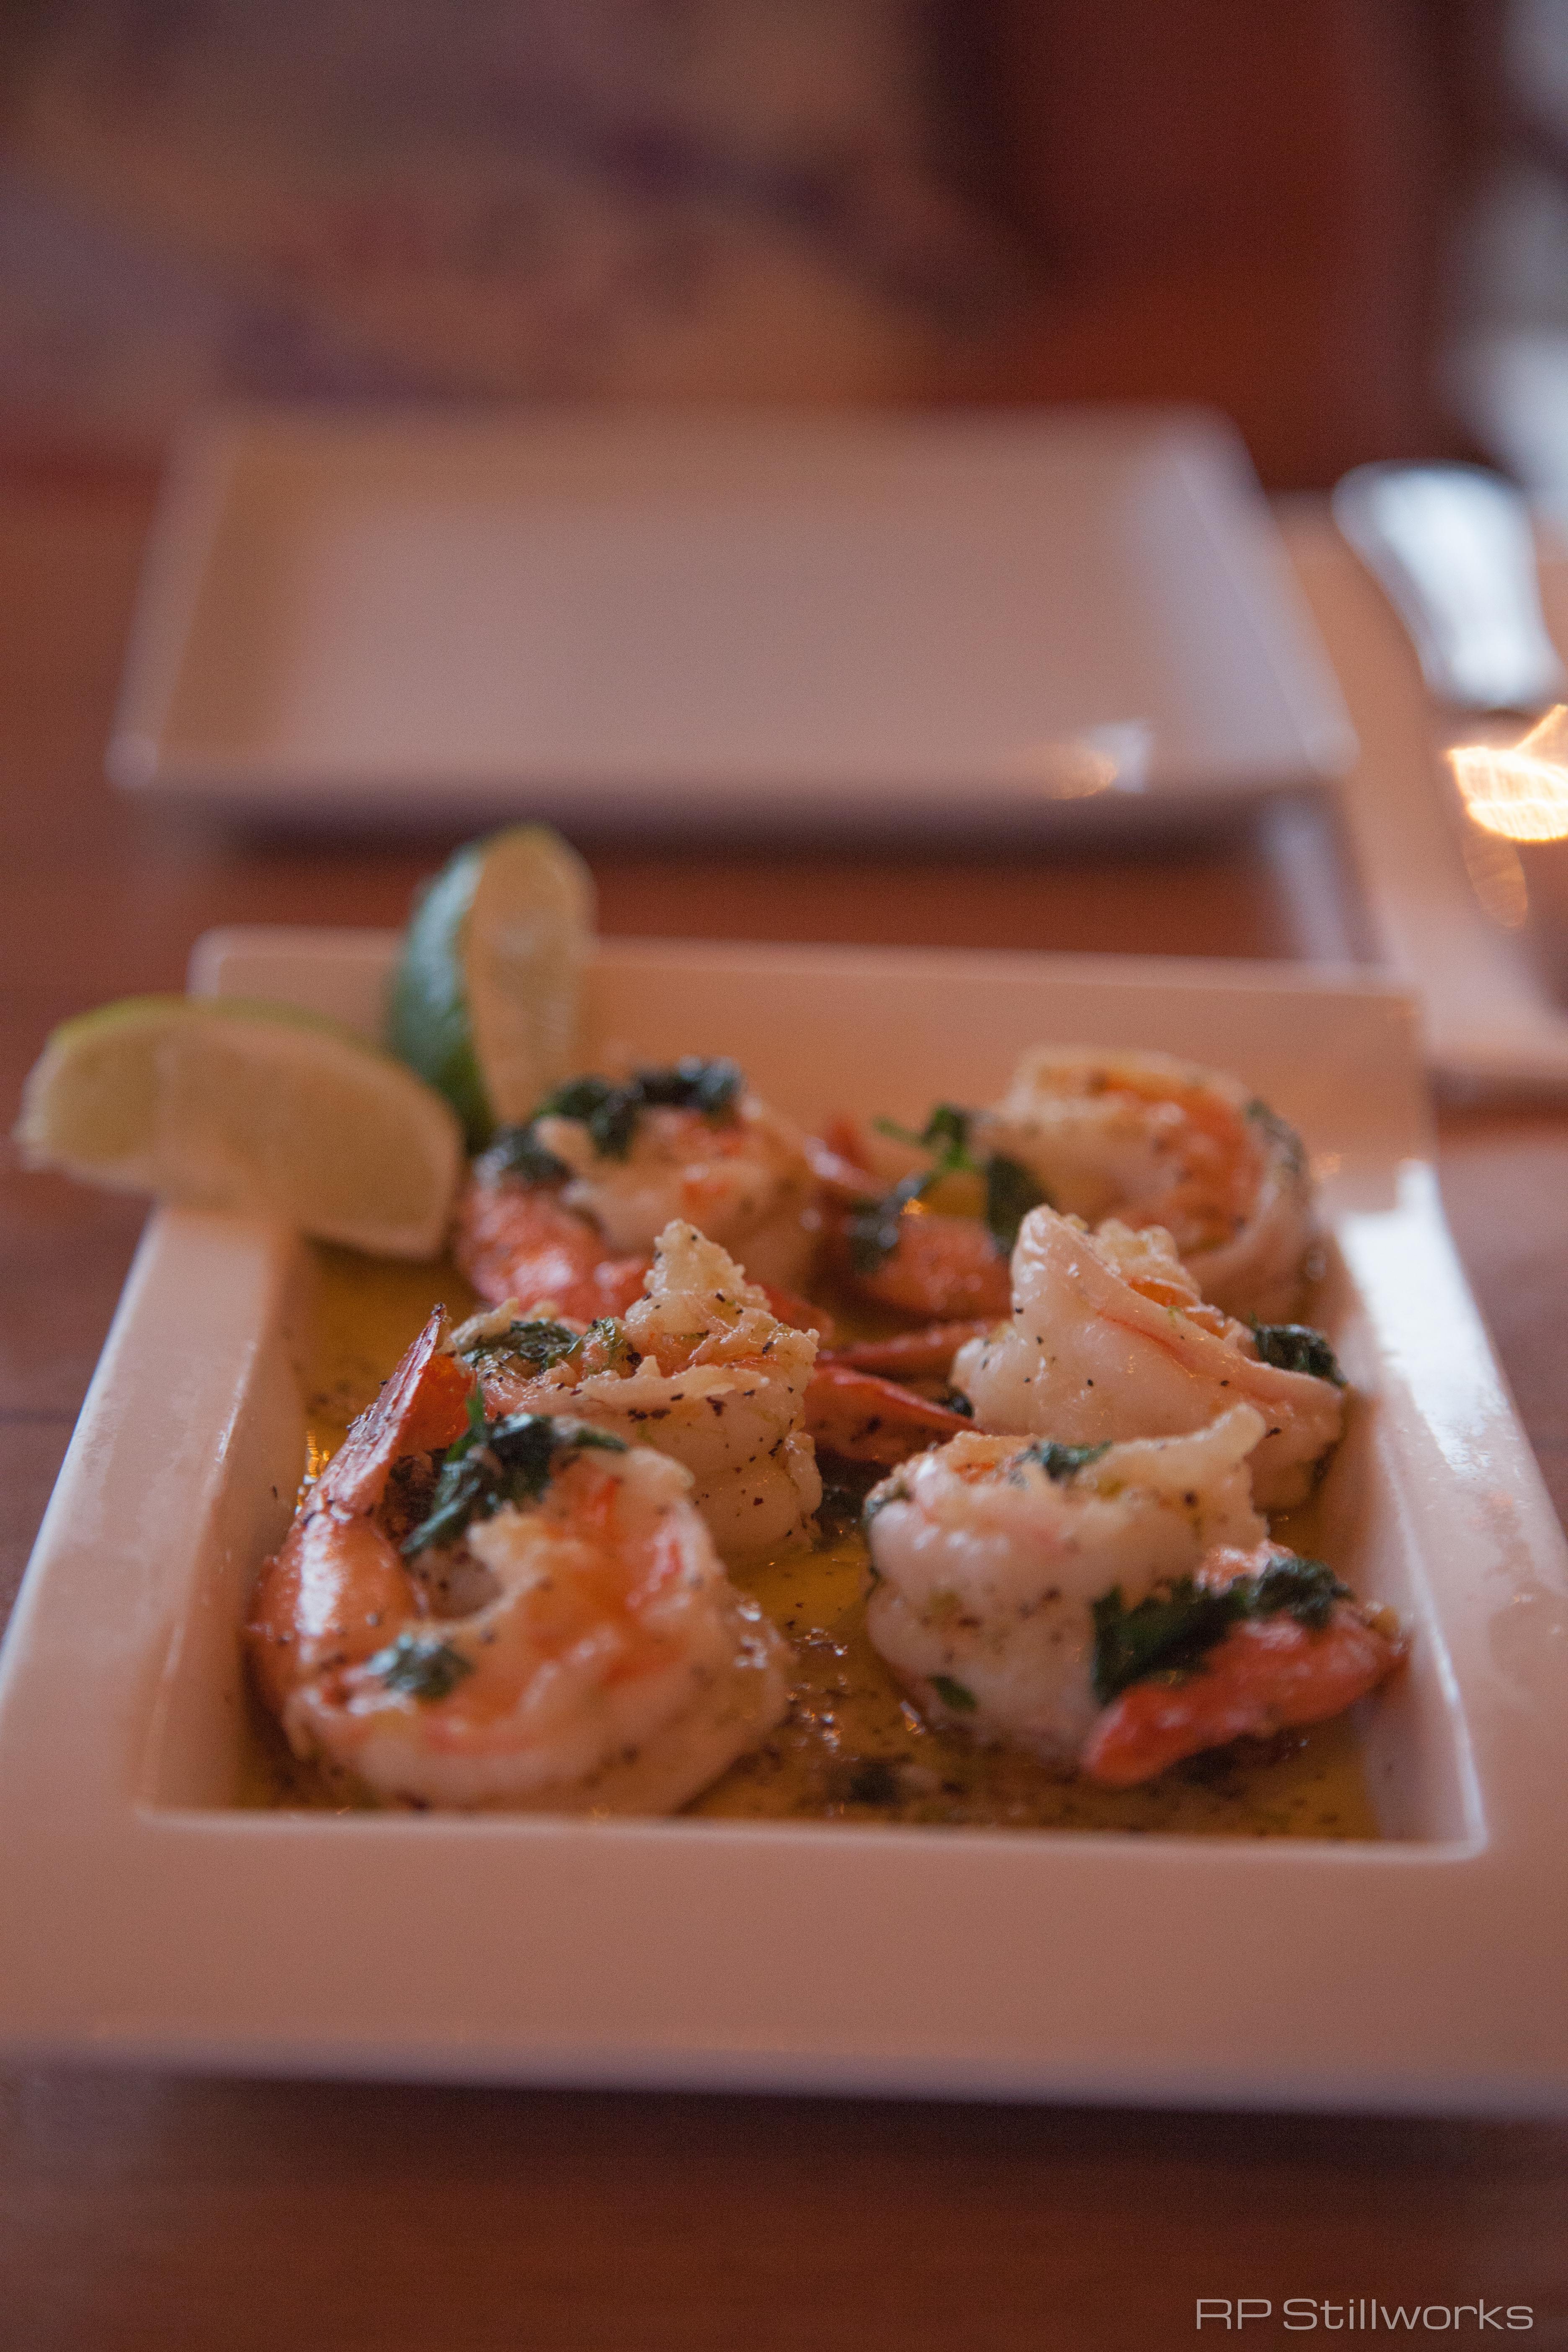 Cilantro-Lime Shrimp